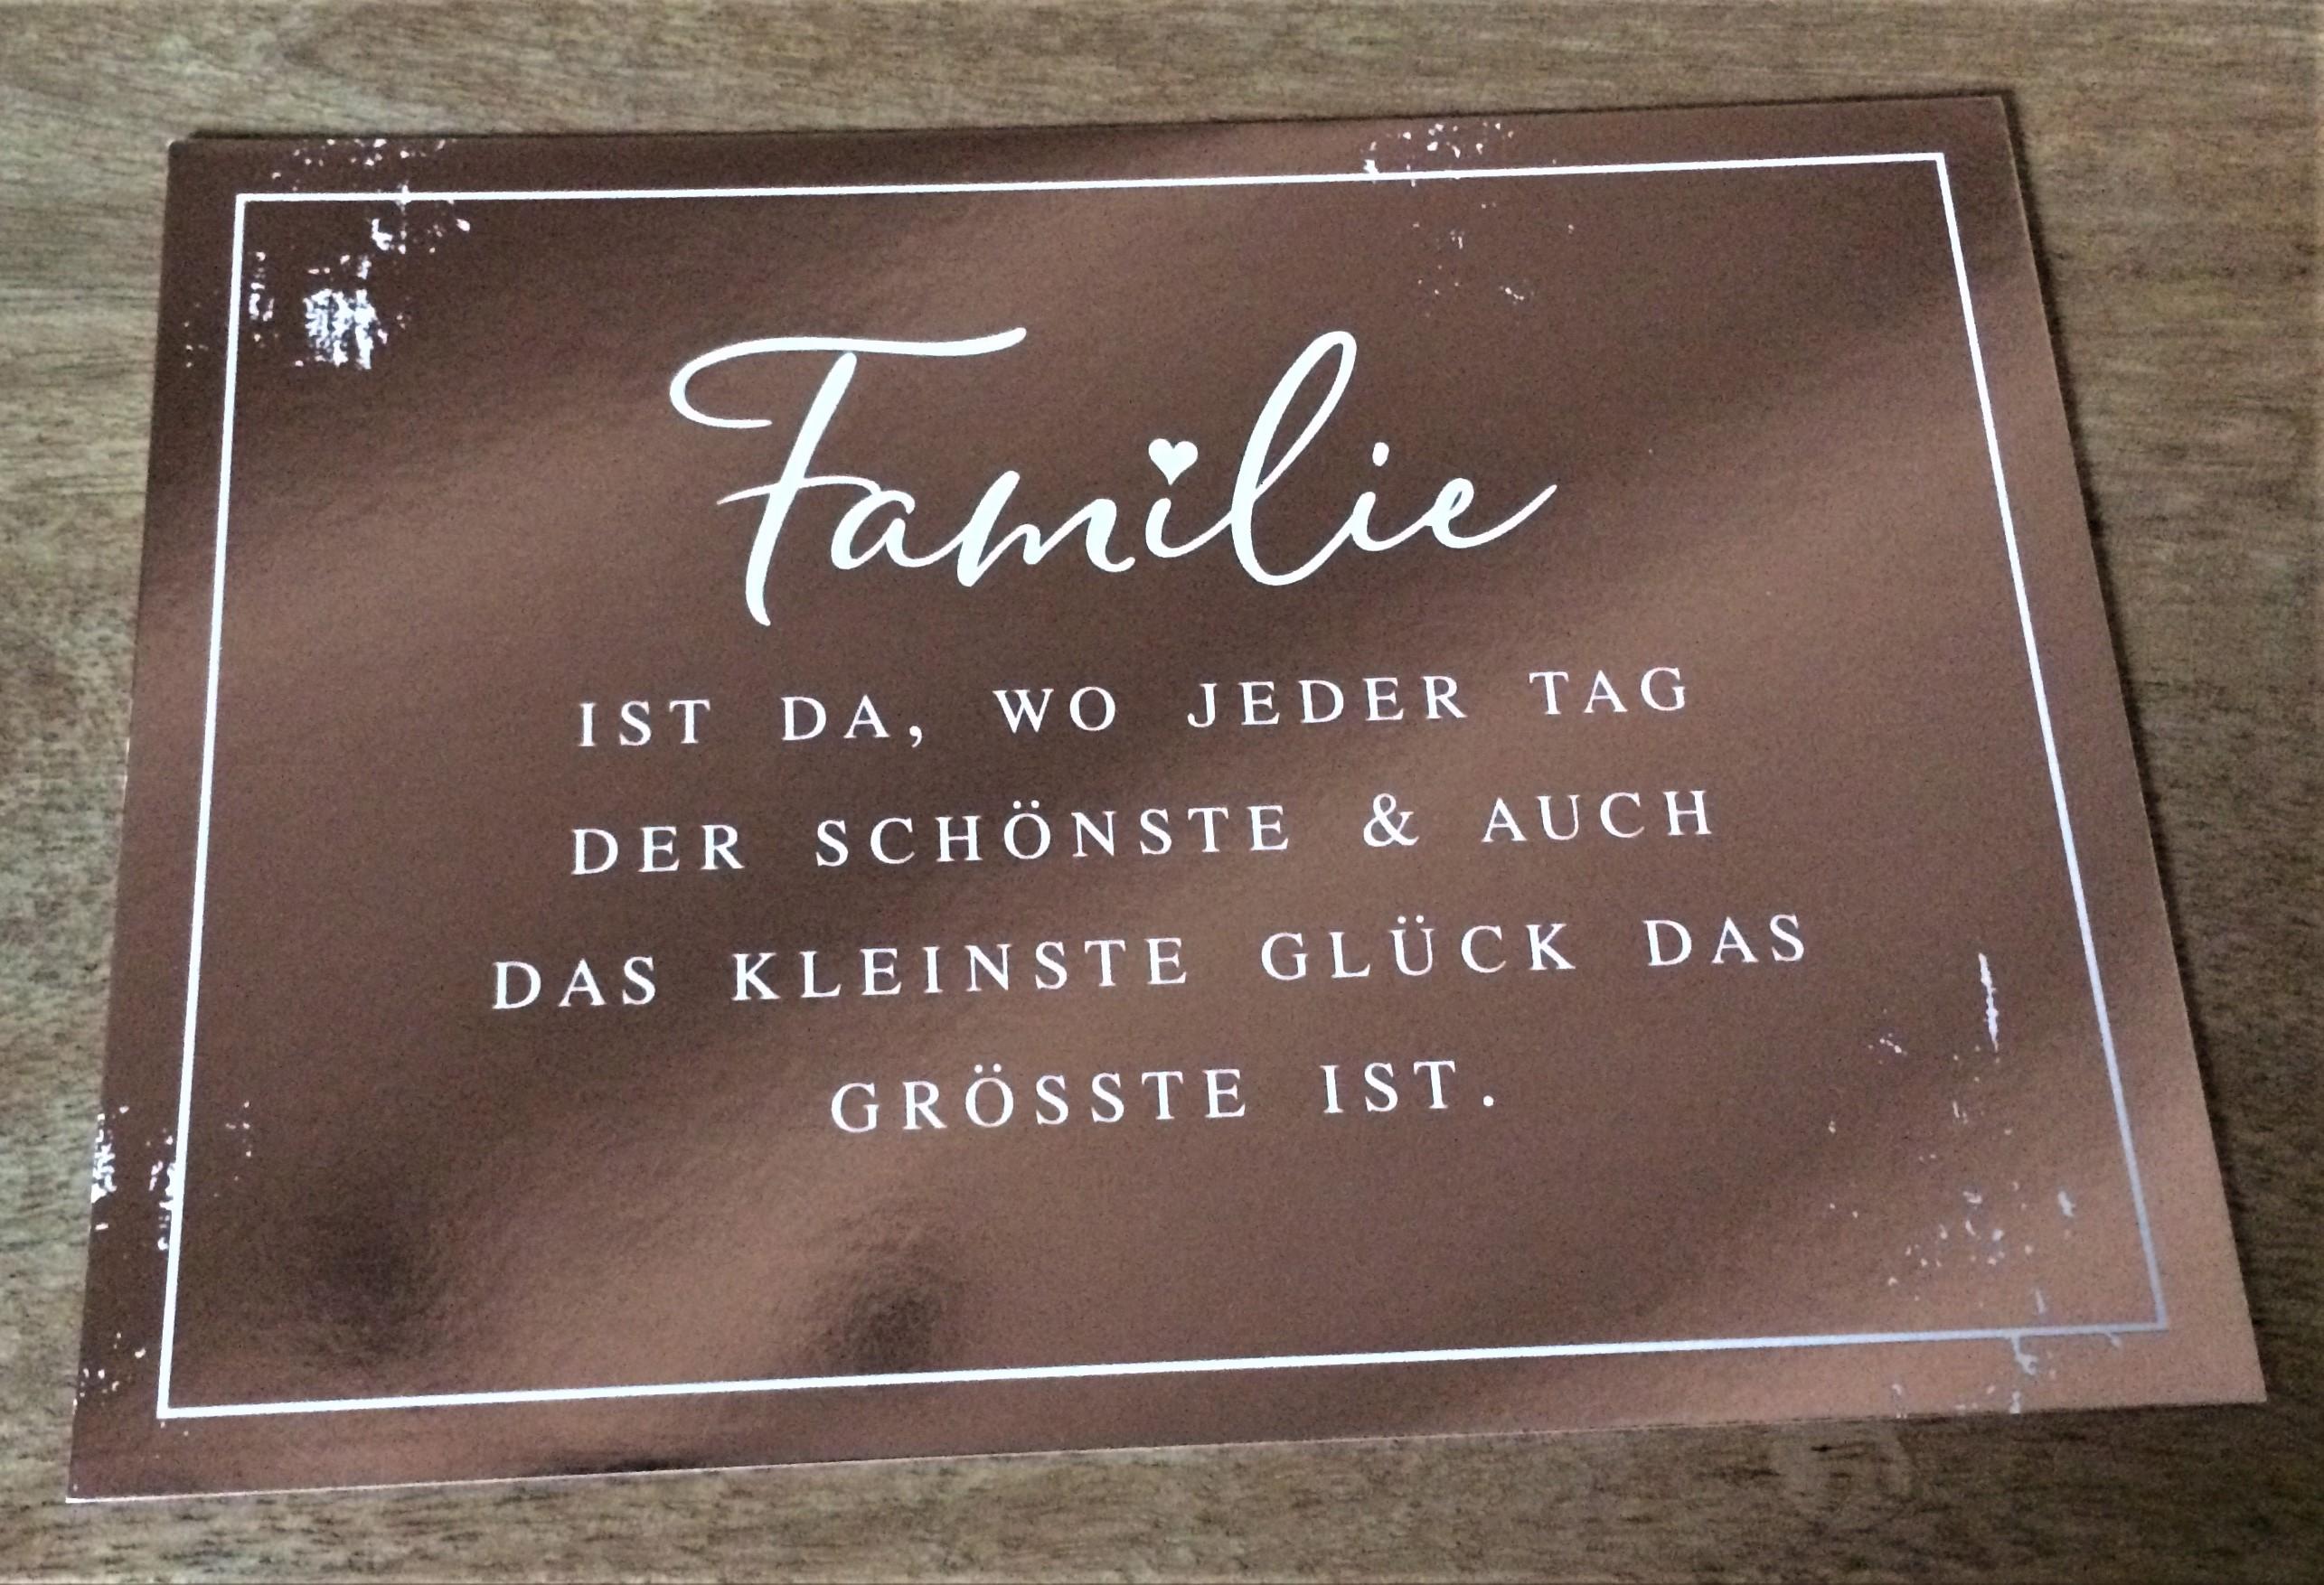 Nützlichgrusskarten - Postkarte Familie ist da wo jeder Tag der Schönste auch das kleinste Glück das Grösste ist. - Onlineshop Tante Emmer